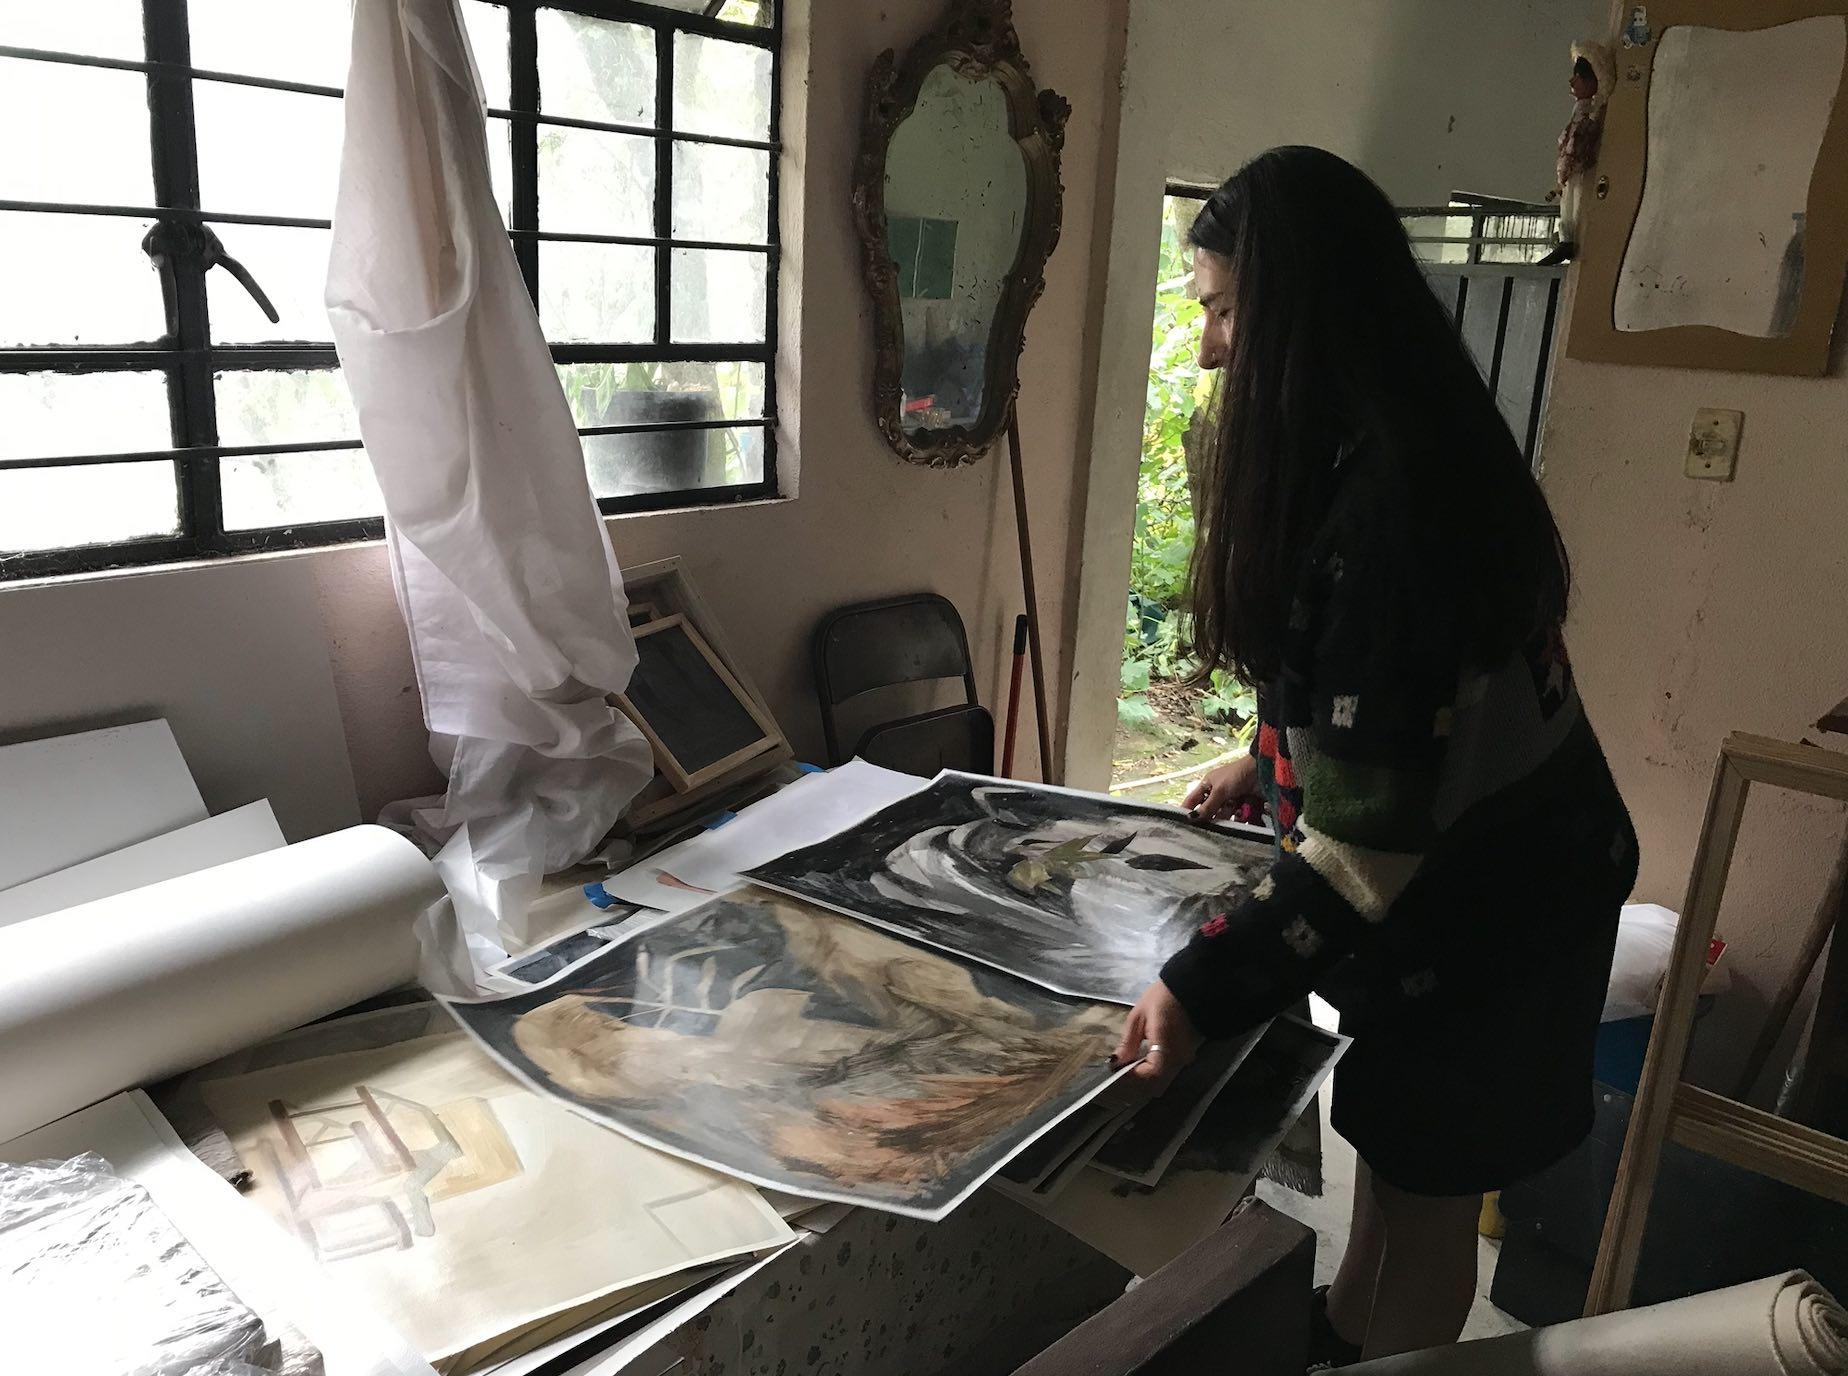 Estudio de Alicia Ayanegui, agosto 2021. Foto: Antonia Alarcón